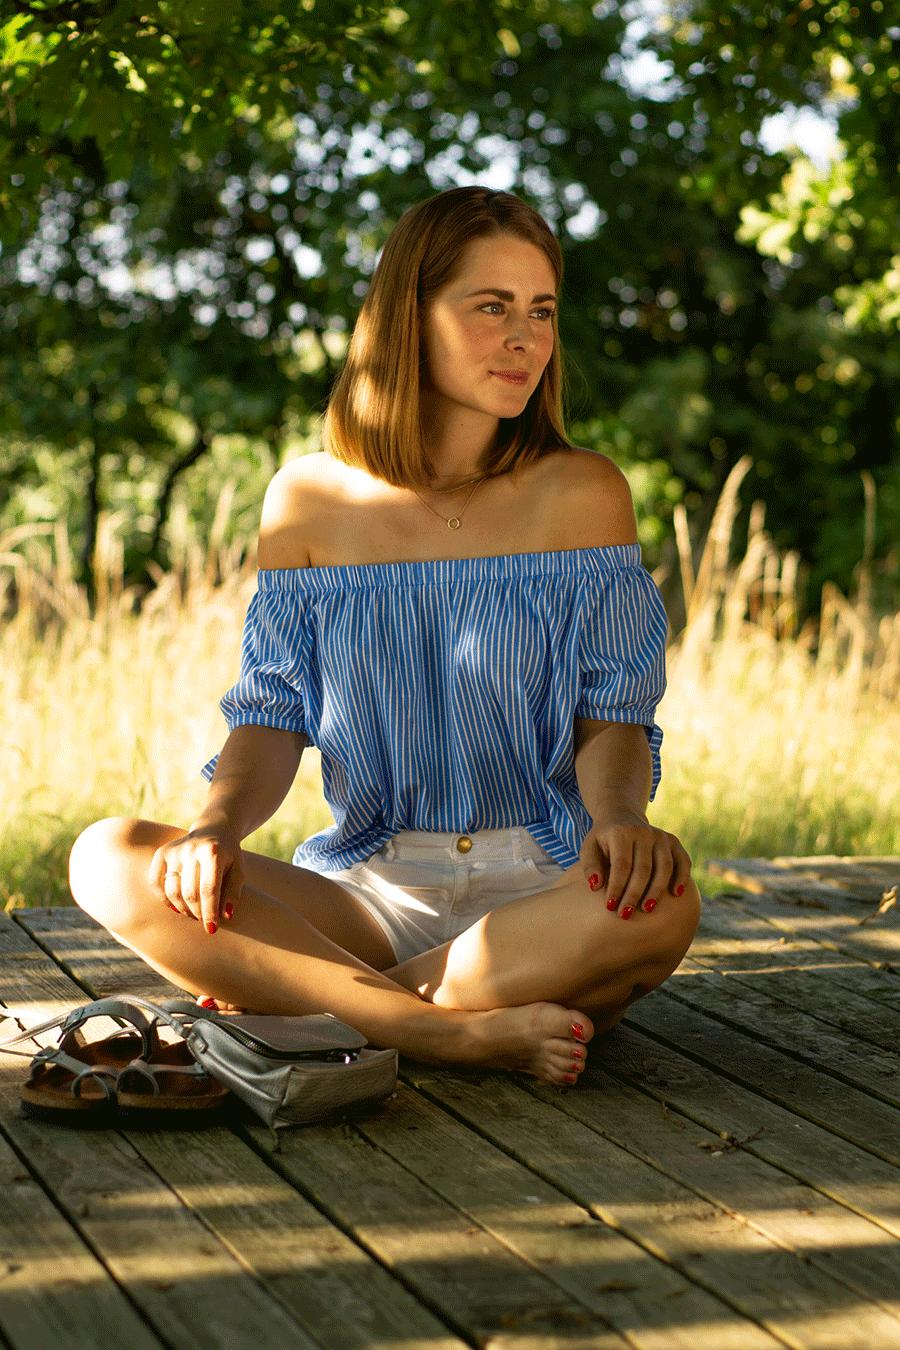 Positiv denken - 5 Tipps für mehr Glück im Alltag